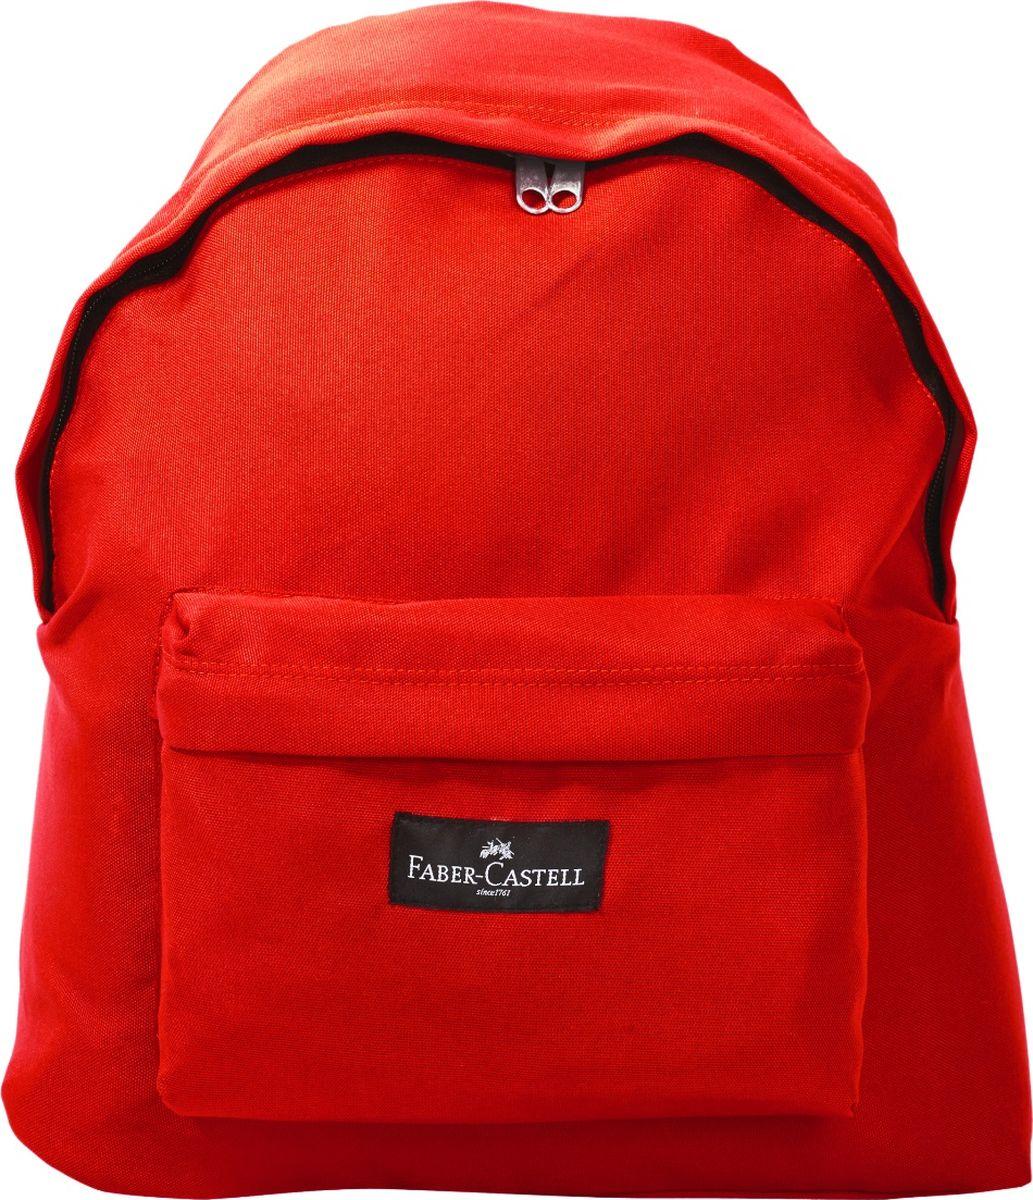 Faber-Castell Рюкзак цвет красный72523WD большое основное отделение и маленькое дополнительное на лицевой части рюкзакакачественная металлическая молния удобные лямки большой выбор цветовых оттенков сделаны из текстильных материалов с водоотталкивающим покрытием